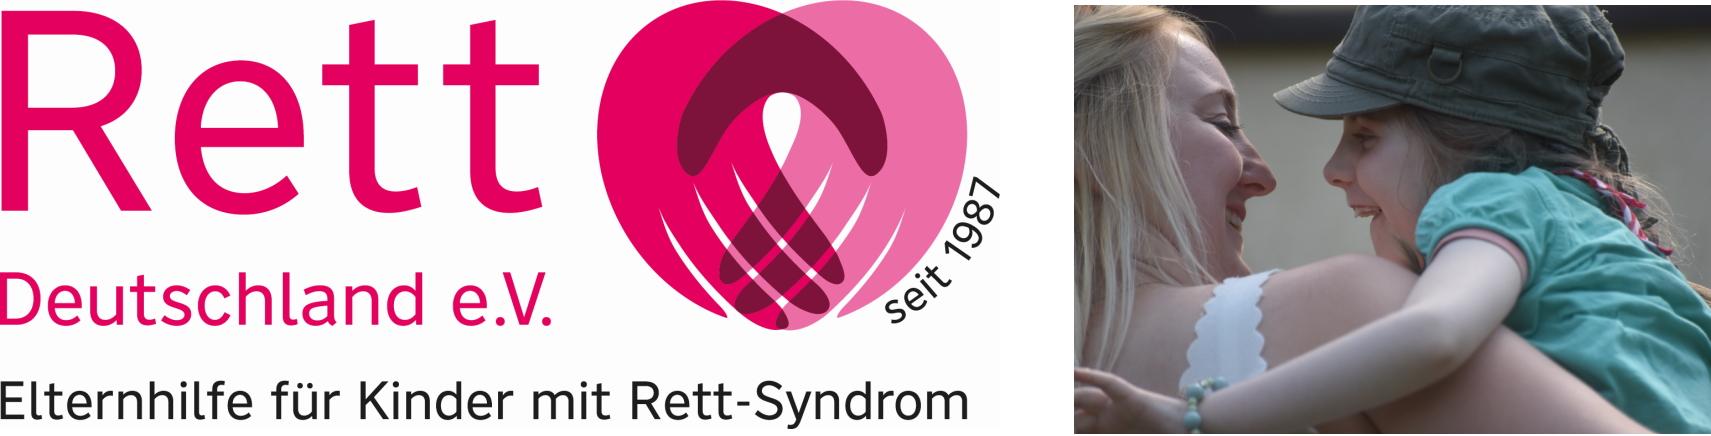 Rett_Logo_Bild.jpg